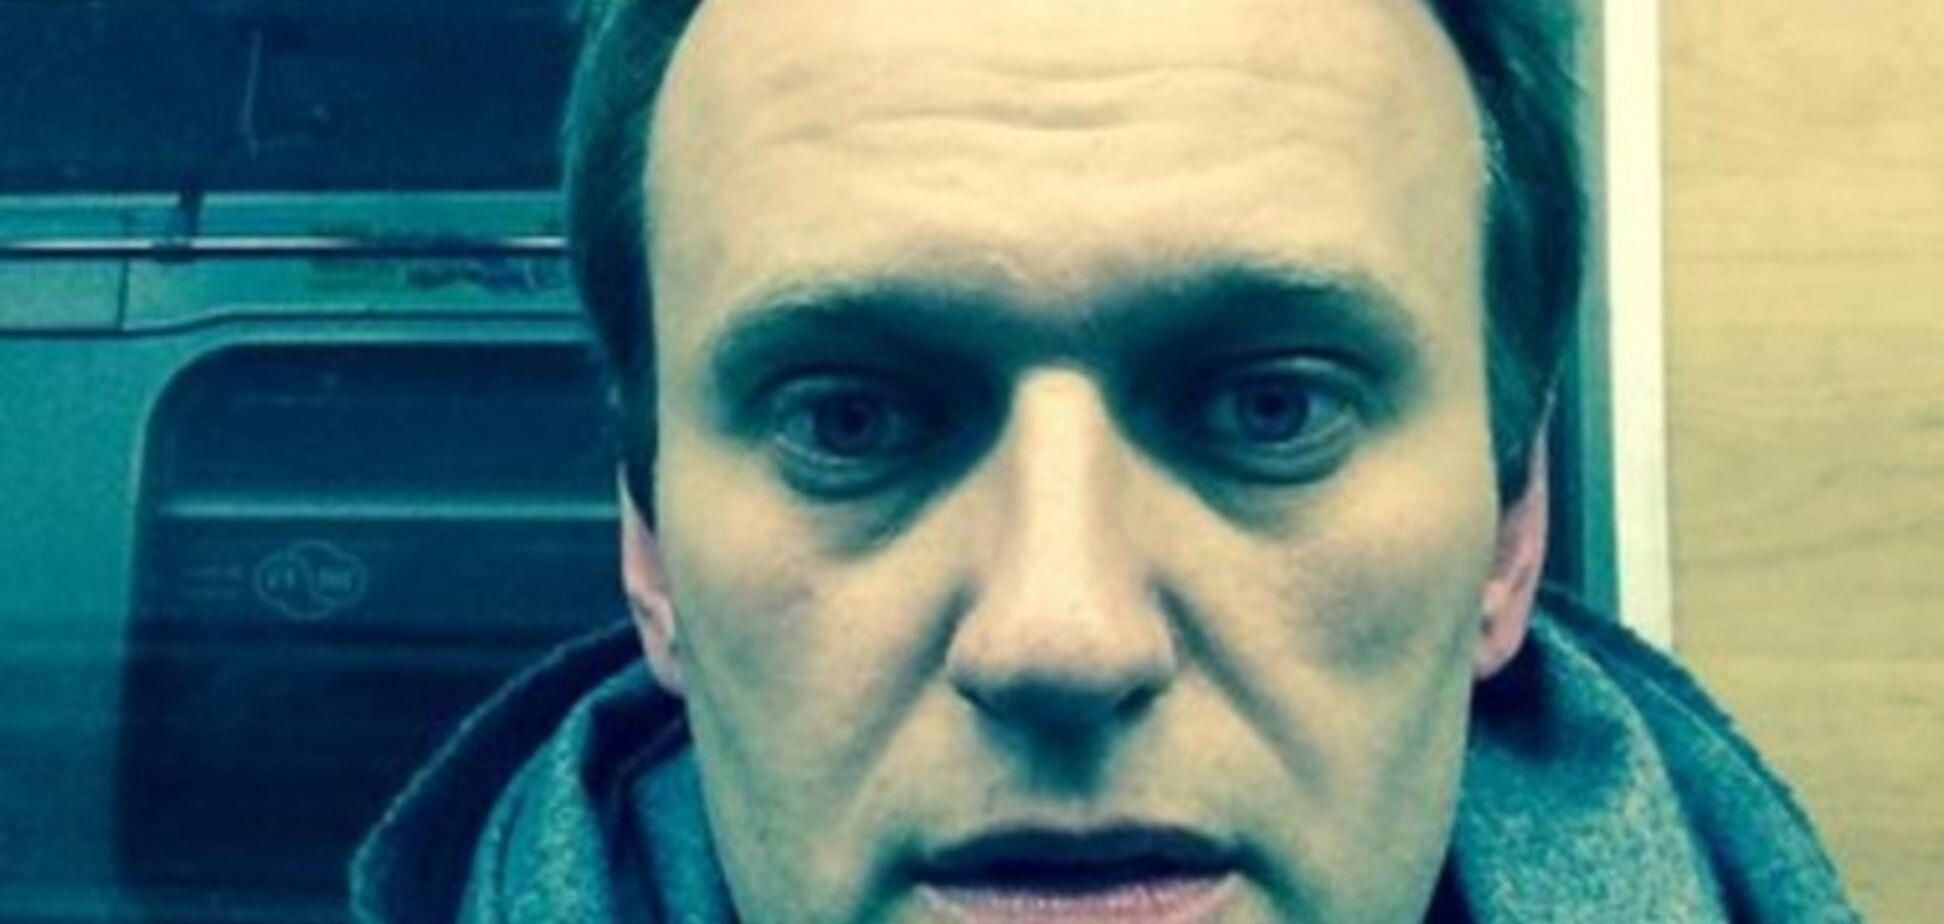 Навальный в нарушение домашнего ареста поехал на митинг на Манежную площадь